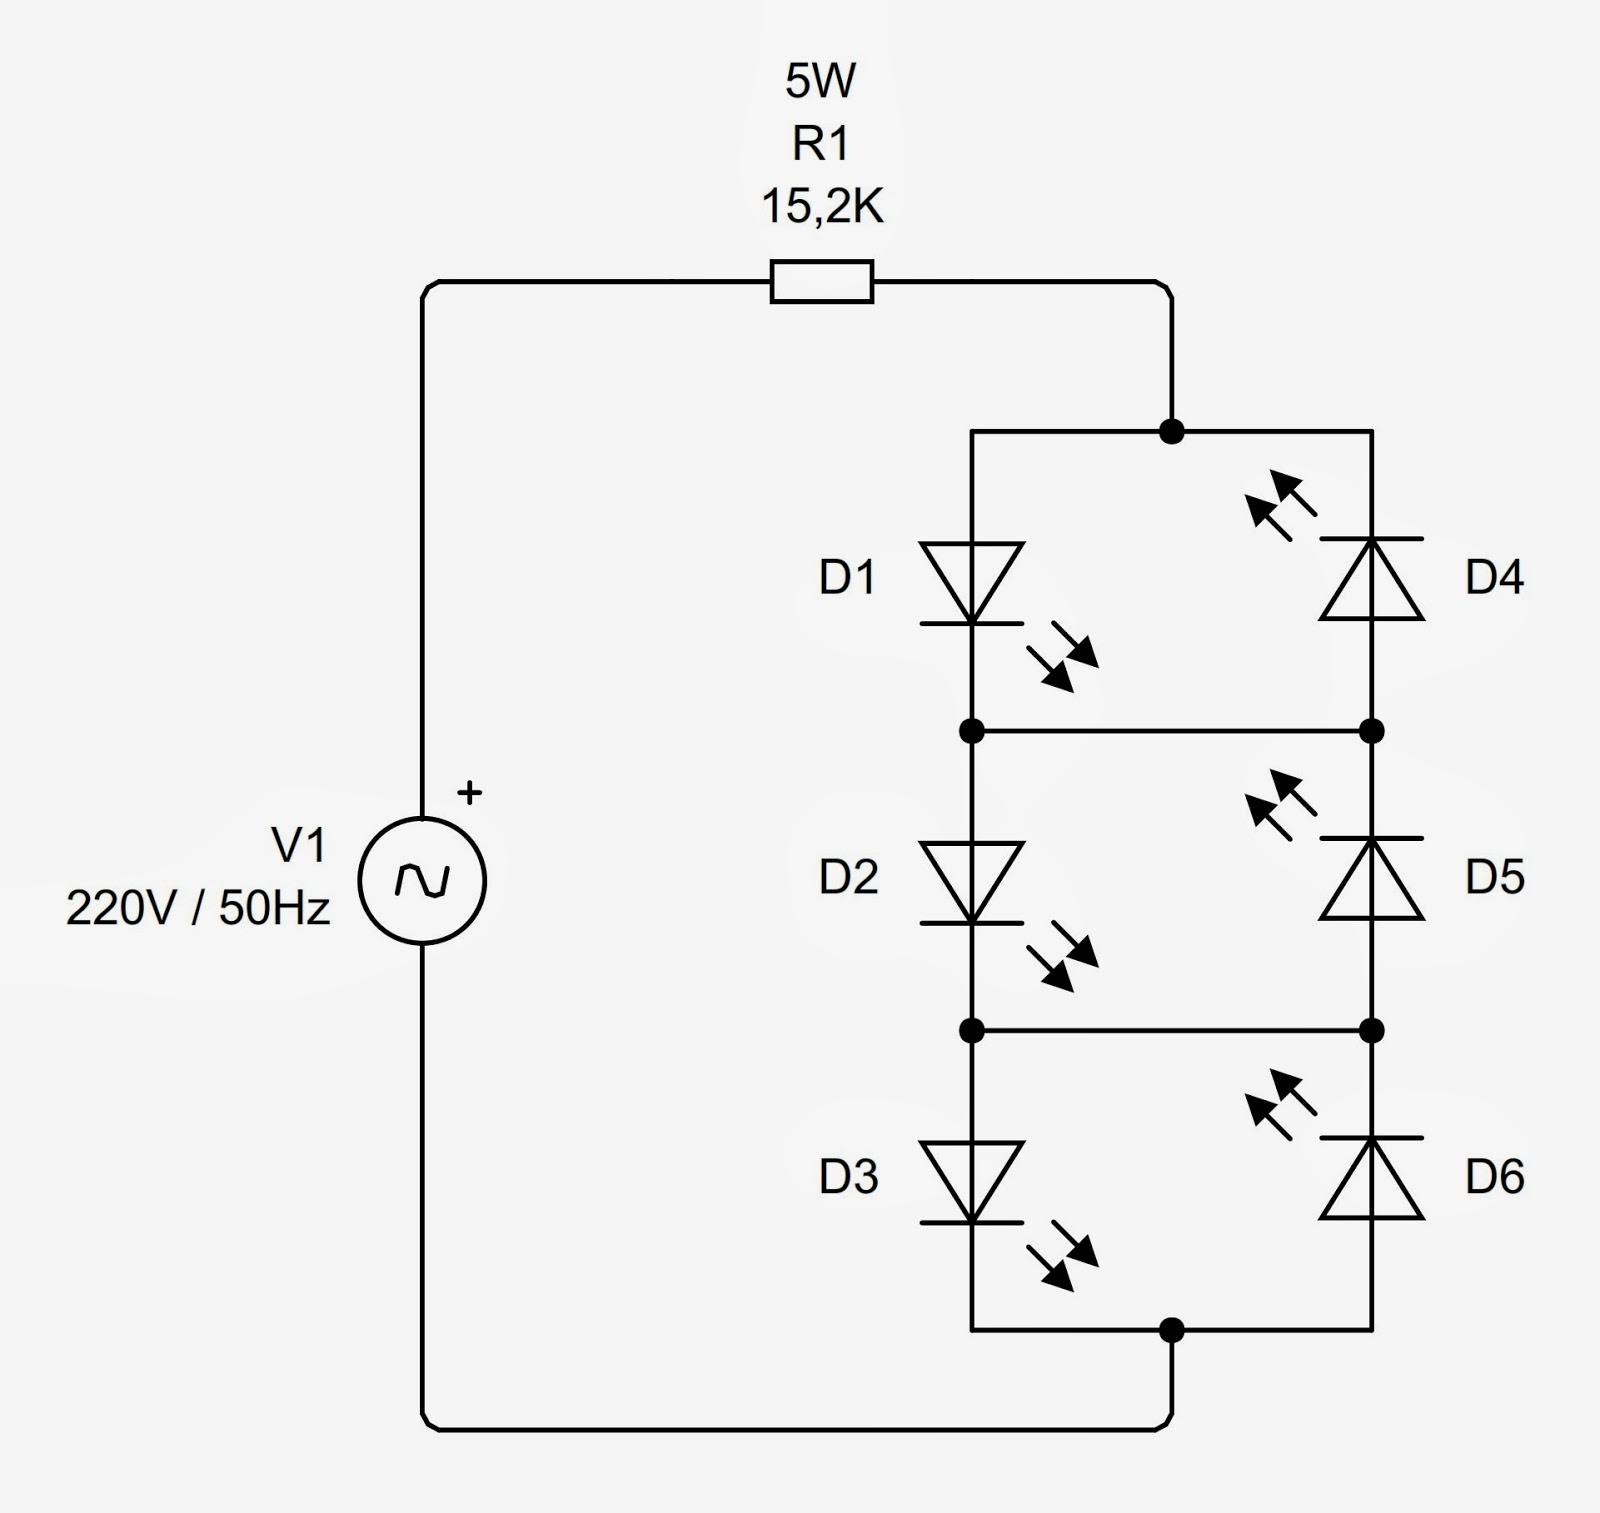 yiyo tsx electr u00f3nica  como conectar leds con 220v